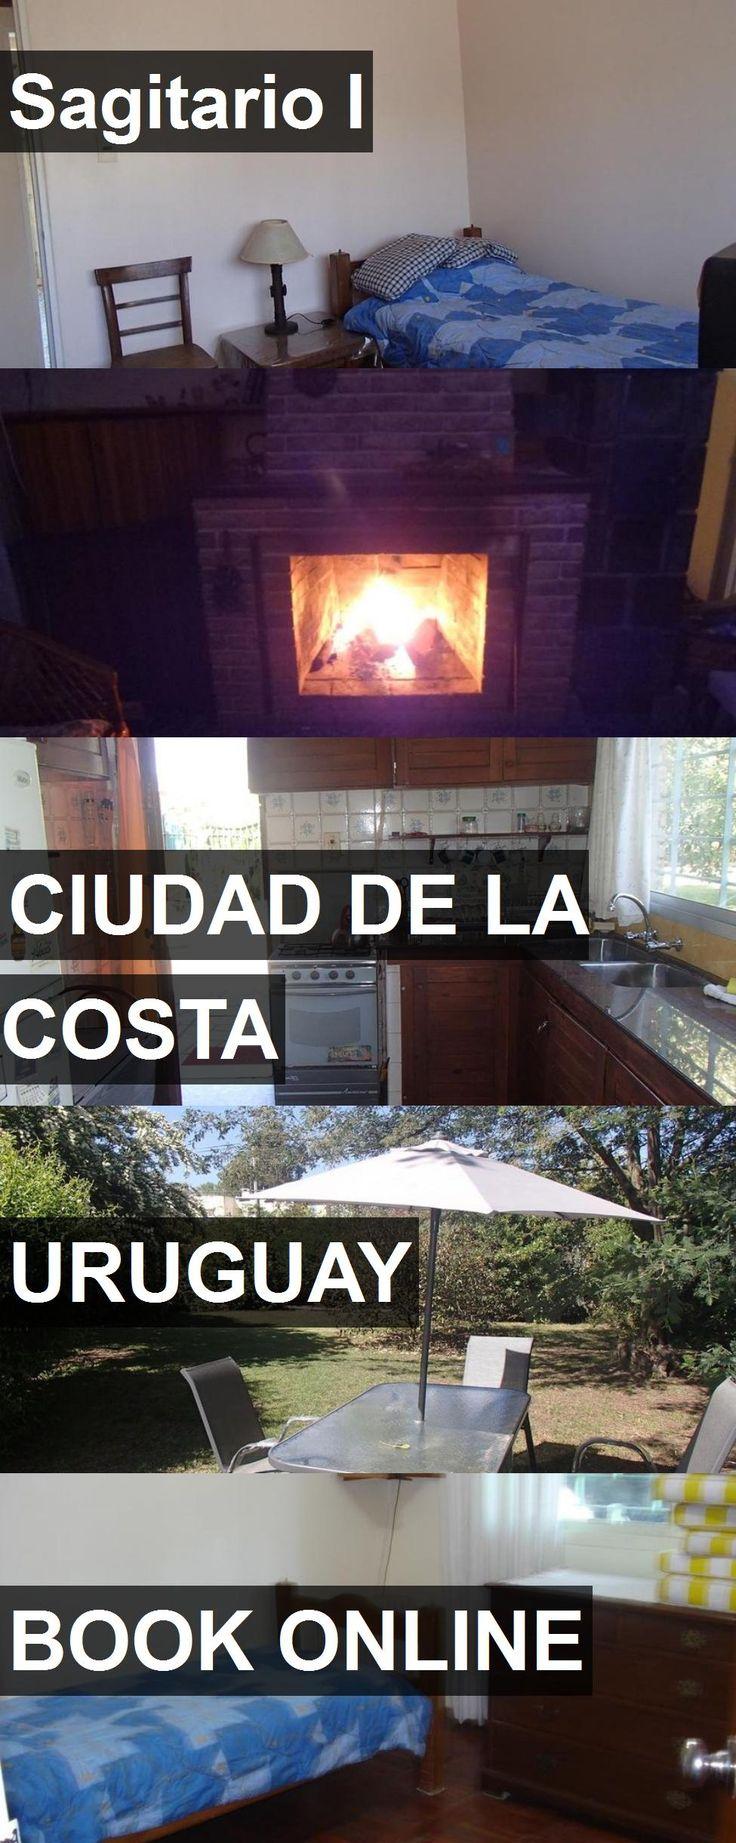 Hotel Sagitario I in Ciudad de la Costa, Uruguay. For more information, photos, reviews and best prices please follow the link. #Uruguay #CiudaddelaCosta #travel #vacation #hotel